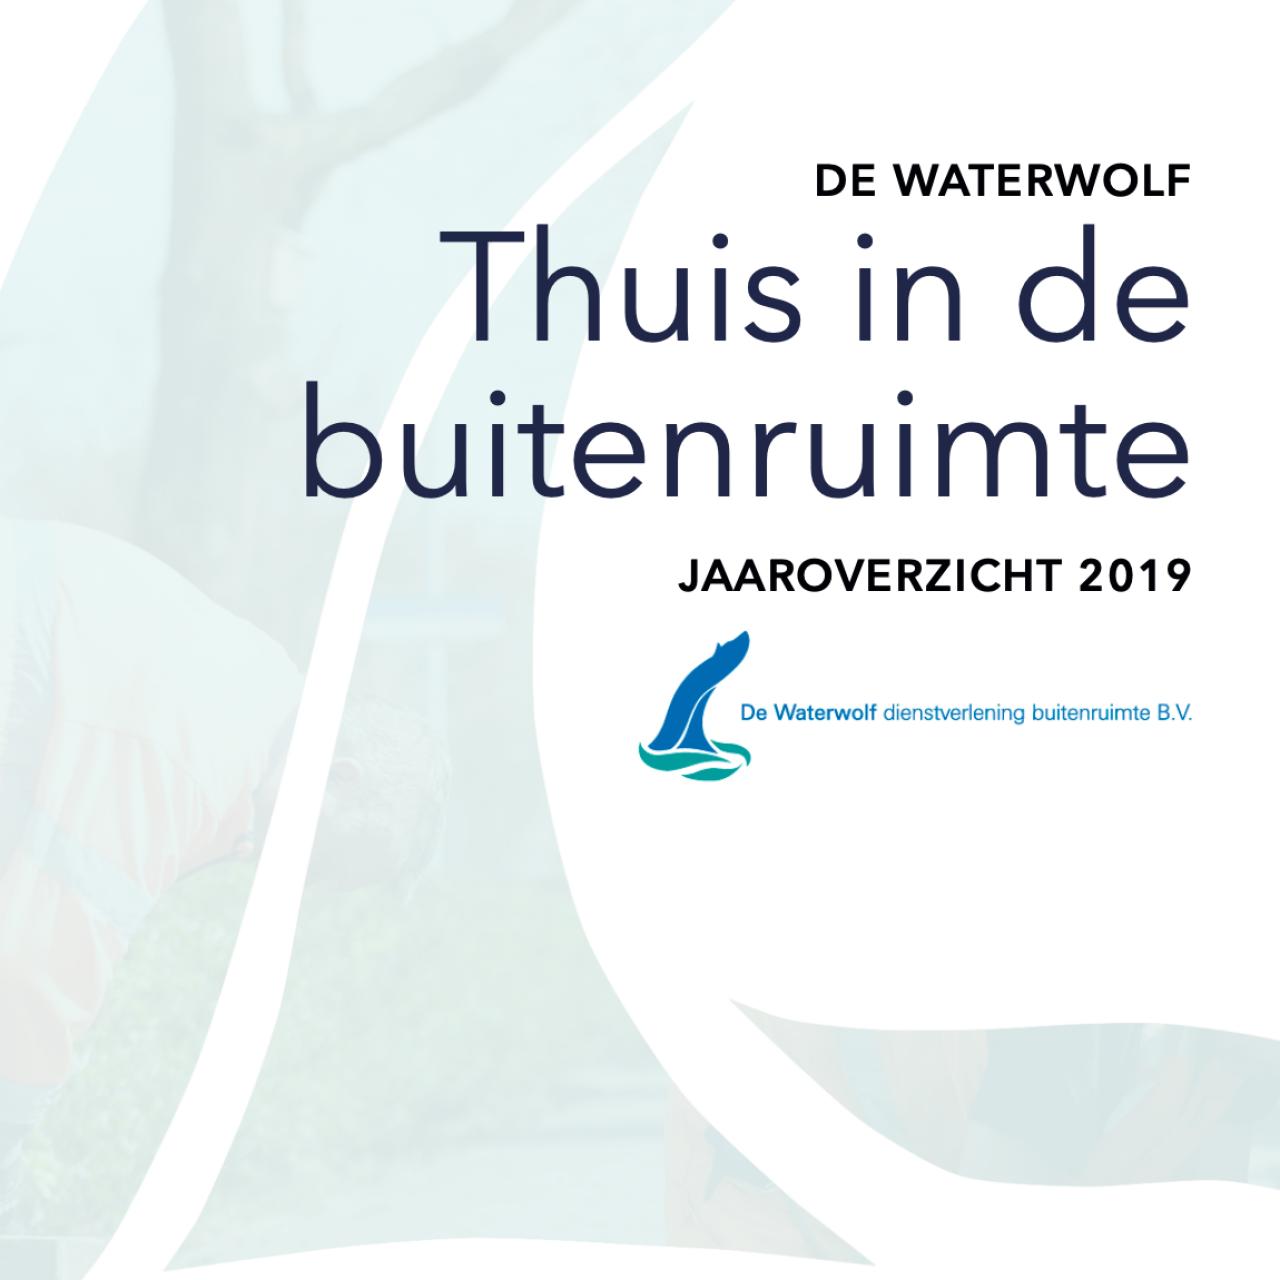 Jaarverslag 2019 - De Waterwolf - Voorkant